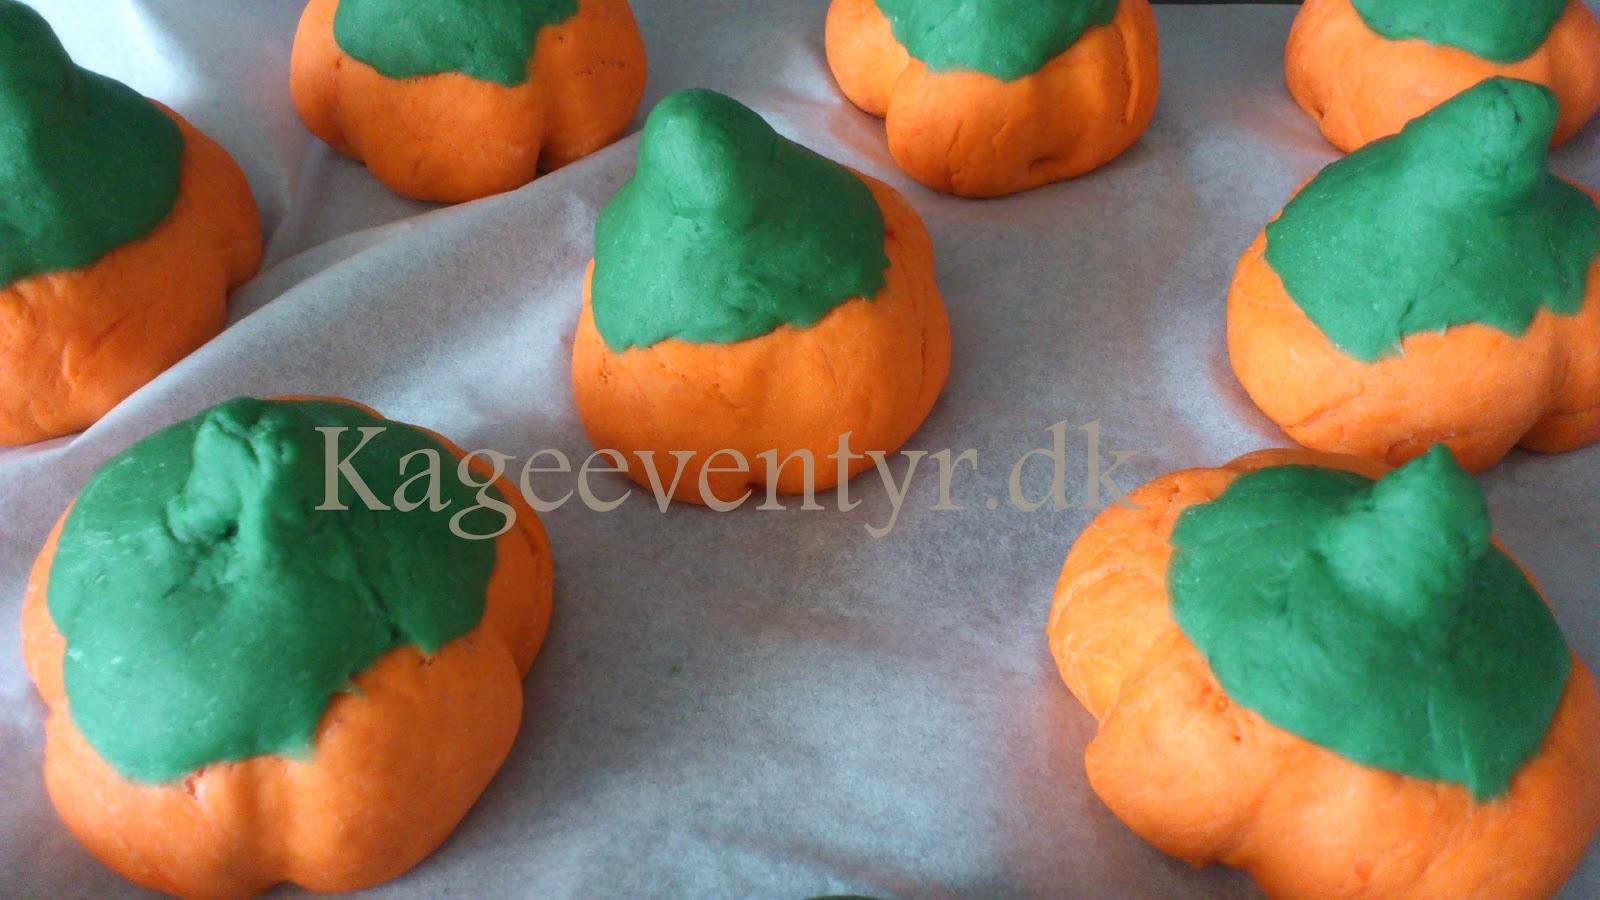 græskarhoveder halloween billeder